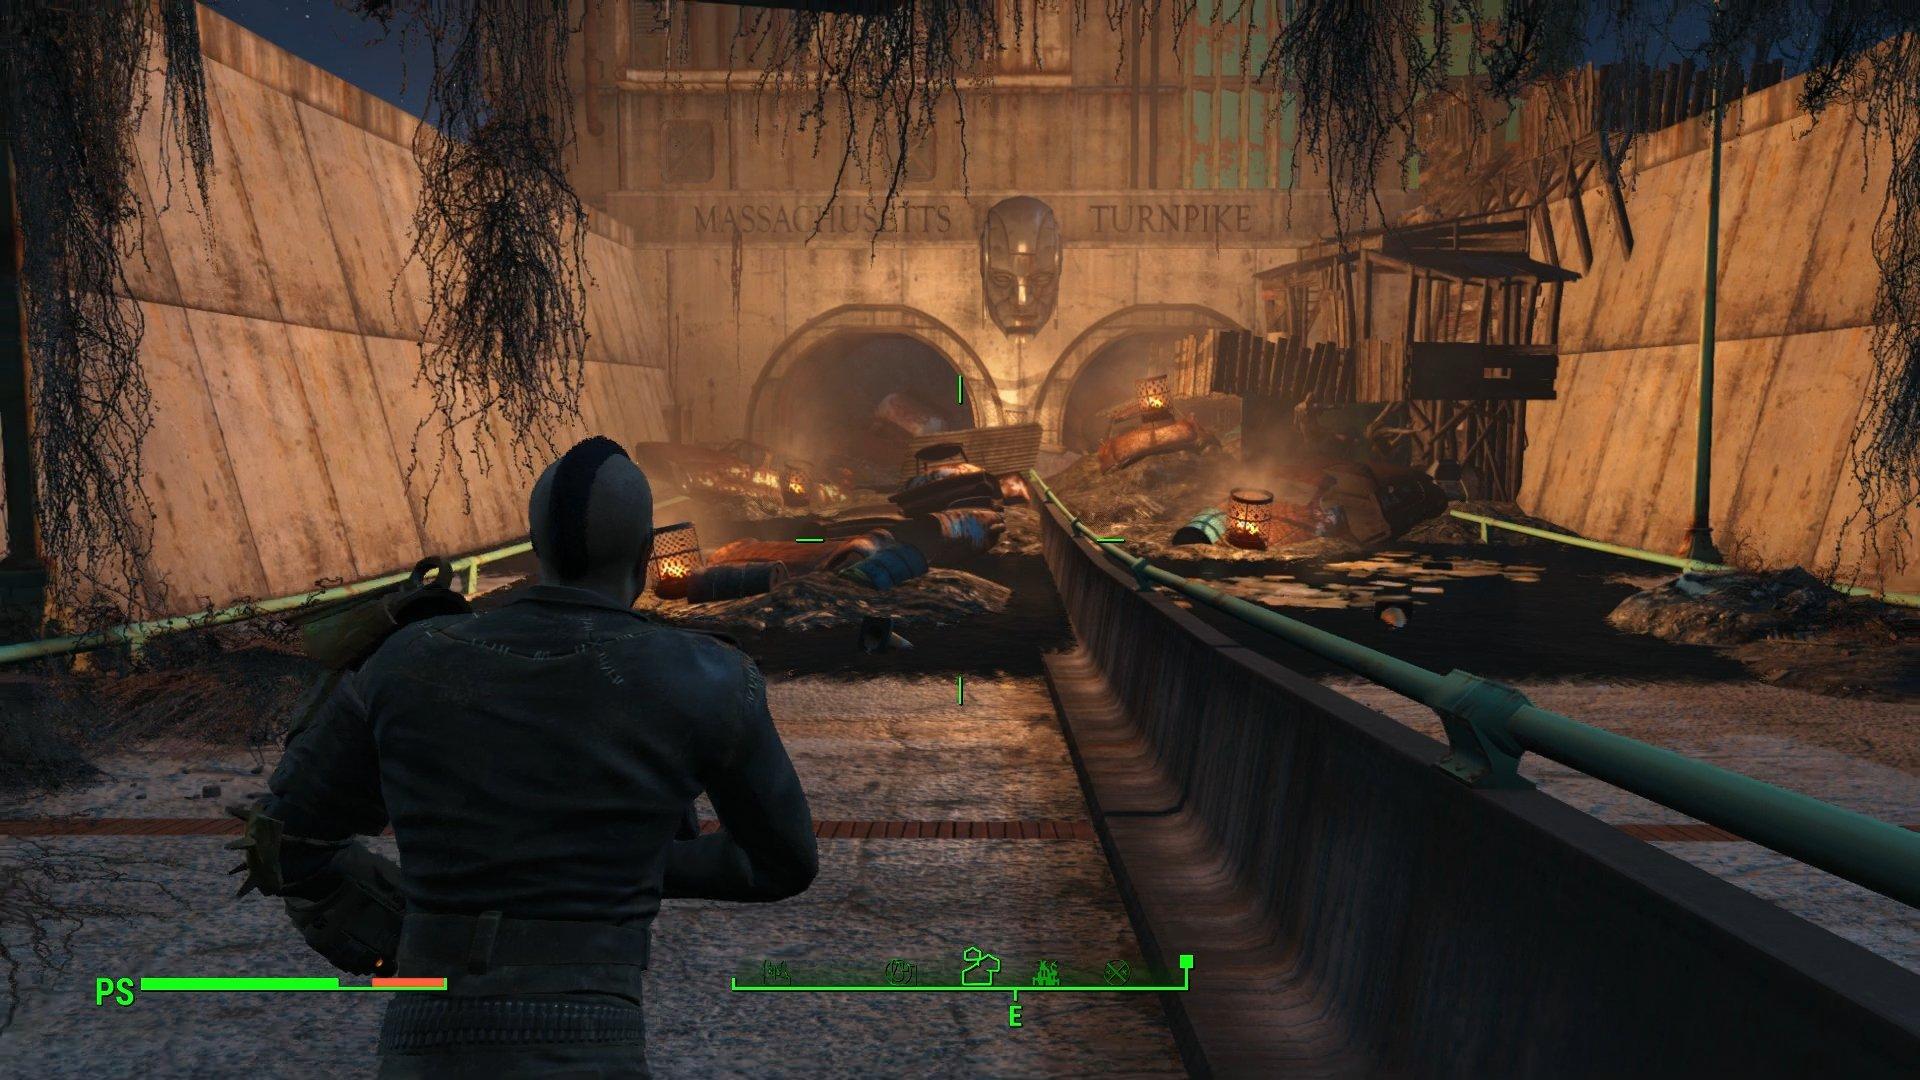 Im genes de fallout 4 para ps4 3djuegos - Fallout juego de mesa ...